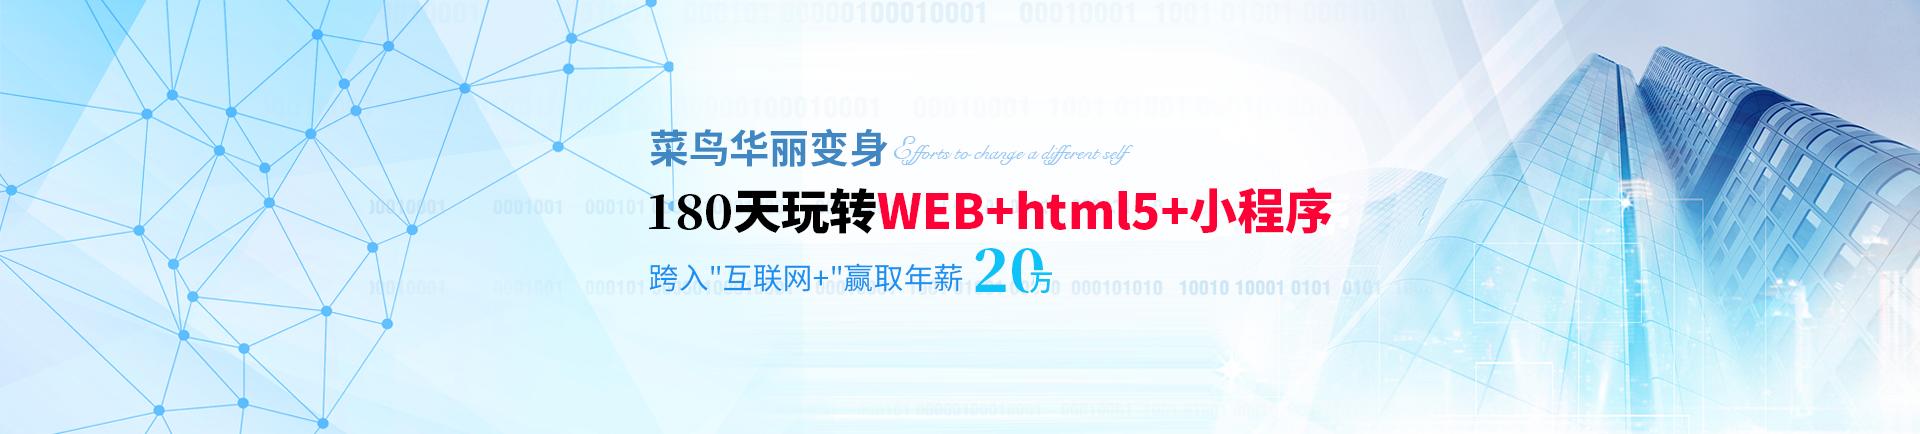 180天玩转WEB+html5+�程� 跨入互�网+赢�年薪20万-shx